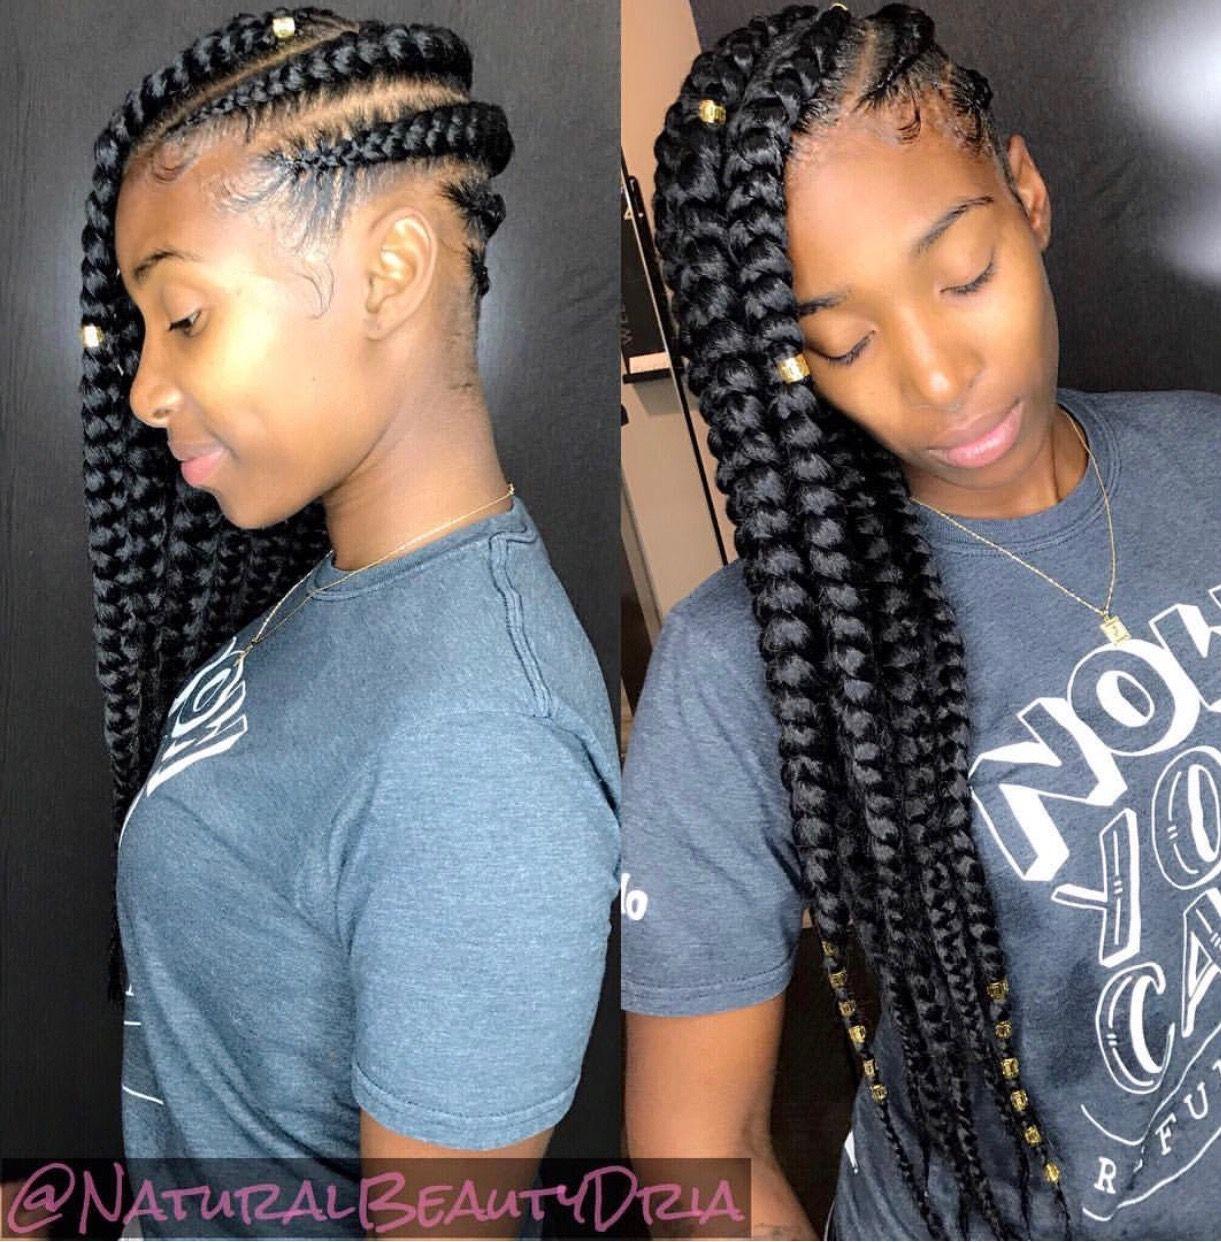 Braided Hairstyles In Kenya 2019 Braided Hair Vacation Braided Hairstyles 2018 Black Female B In 2020 Braided Hairstyles Cornrow Hairstyles Girls Hairstyles Braids